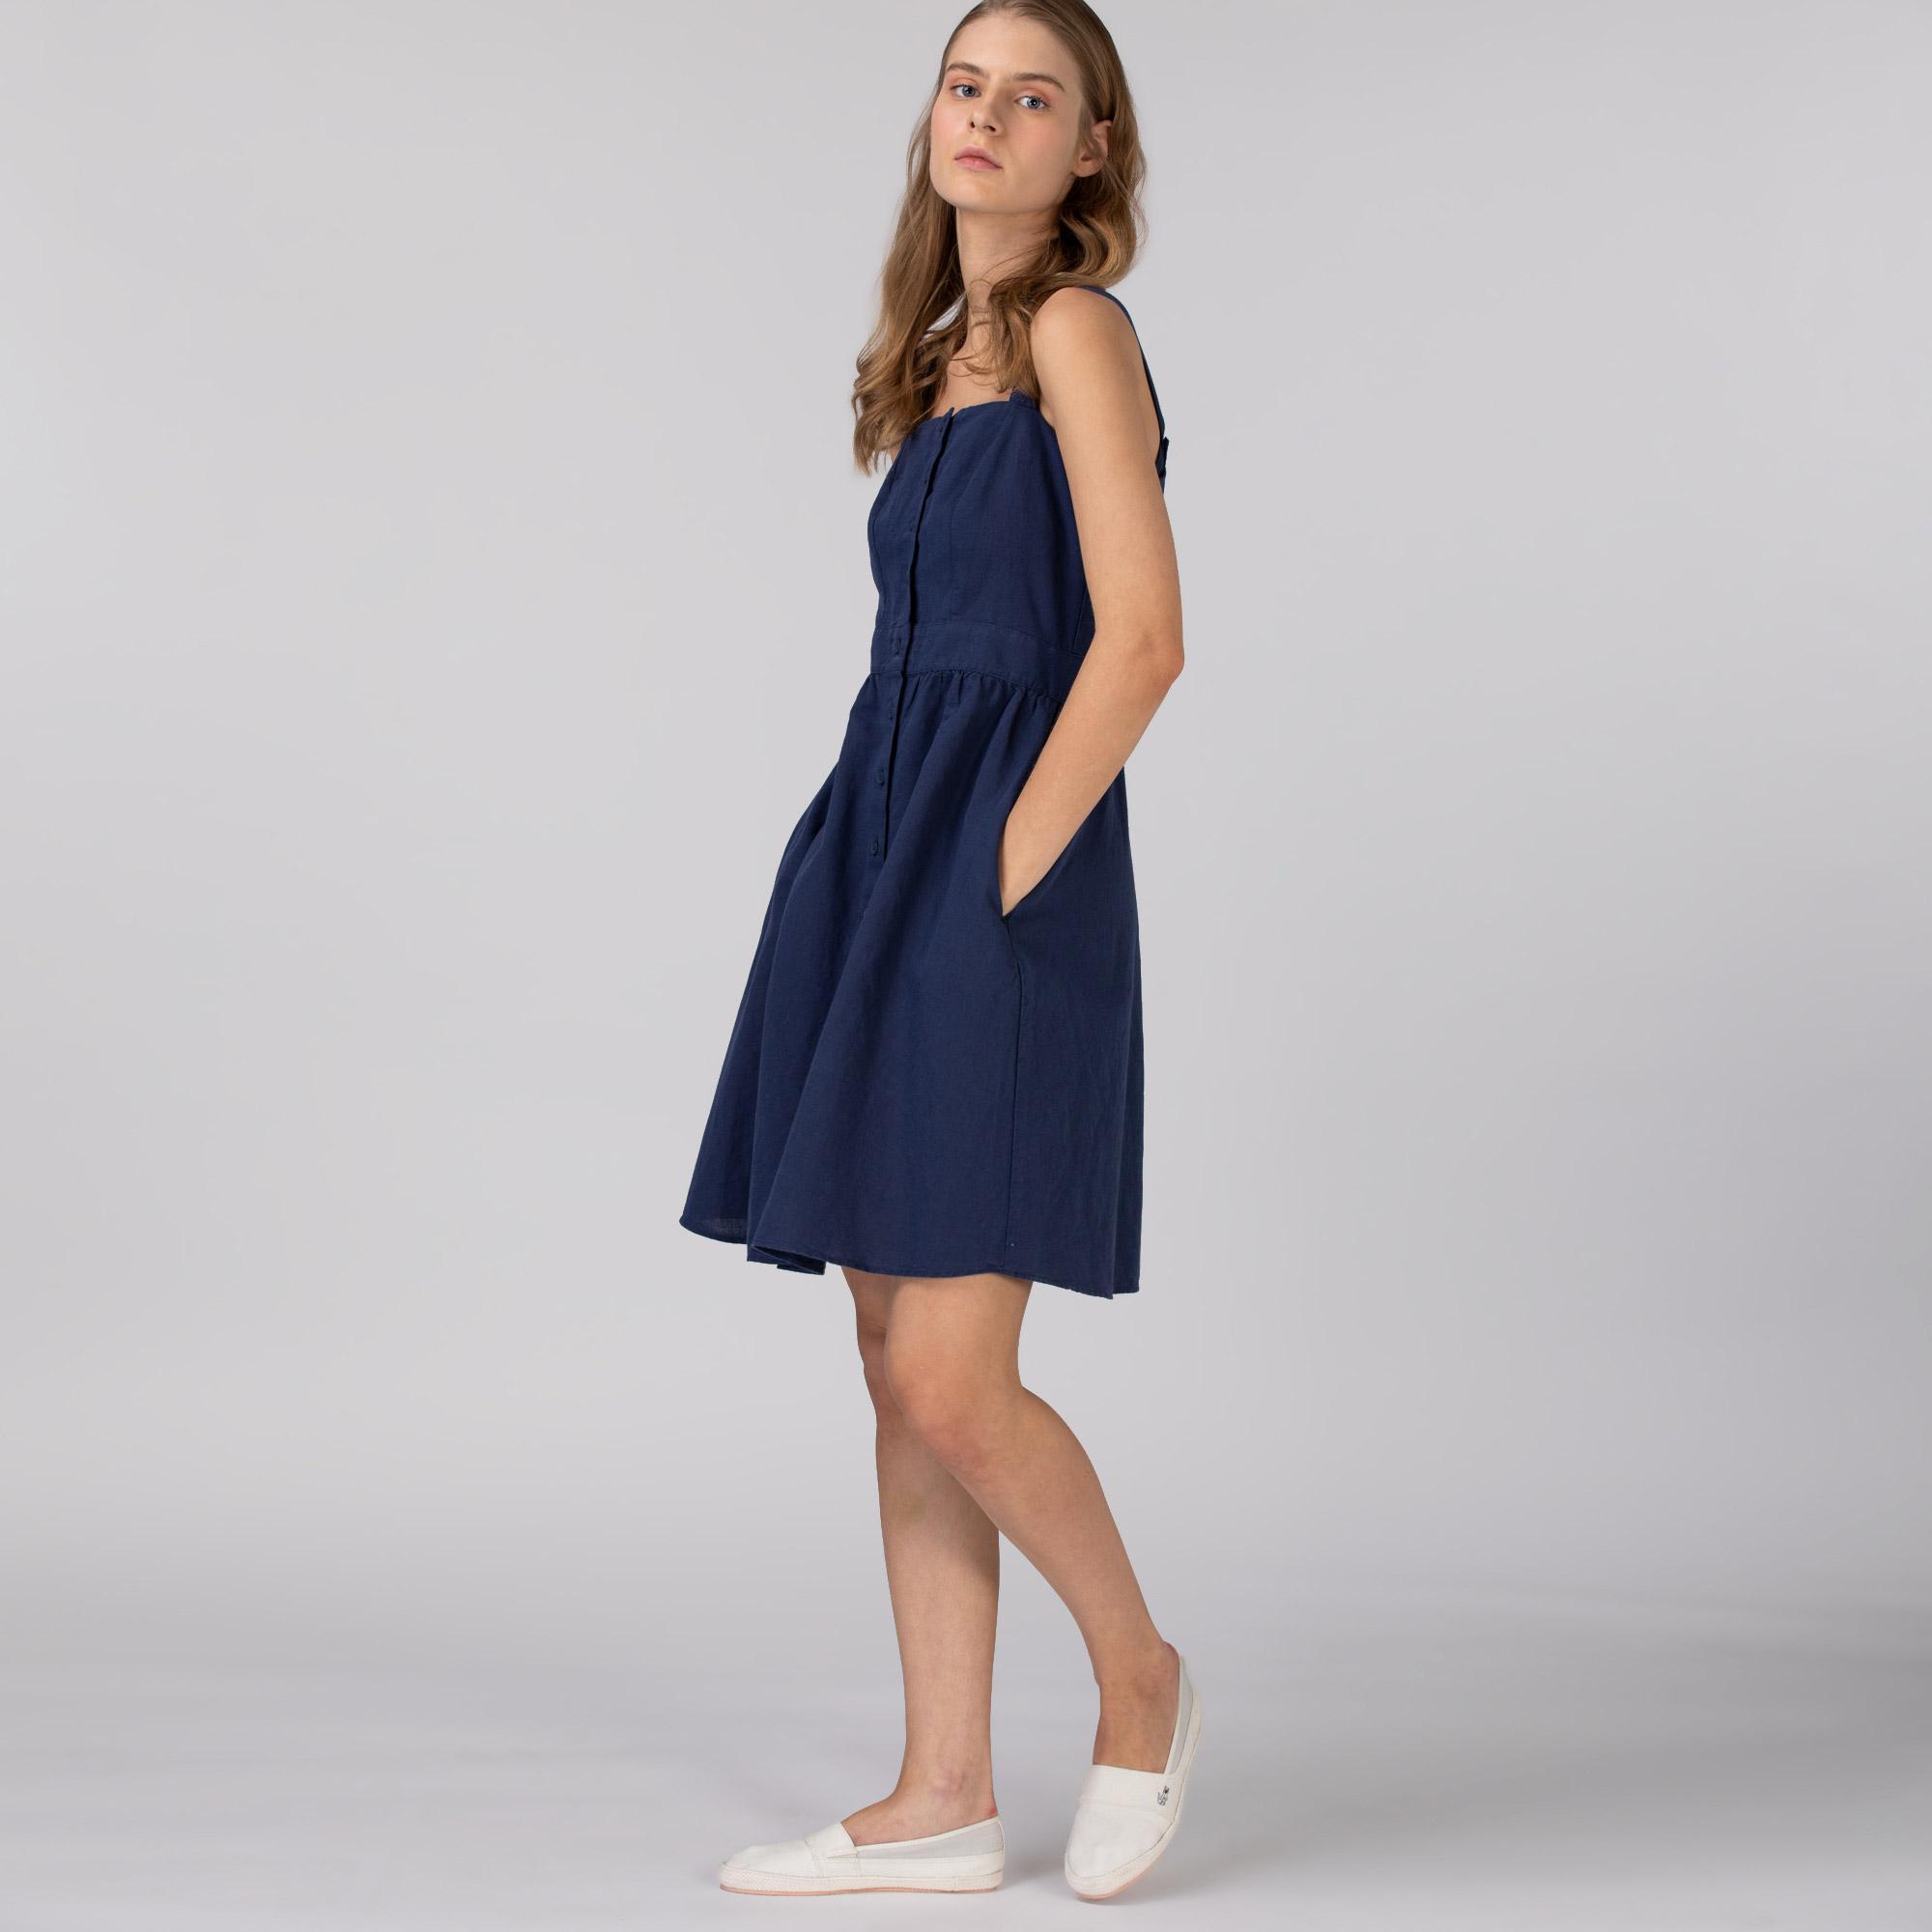 Lacoste Kadın Askılı Lacivert Elbise